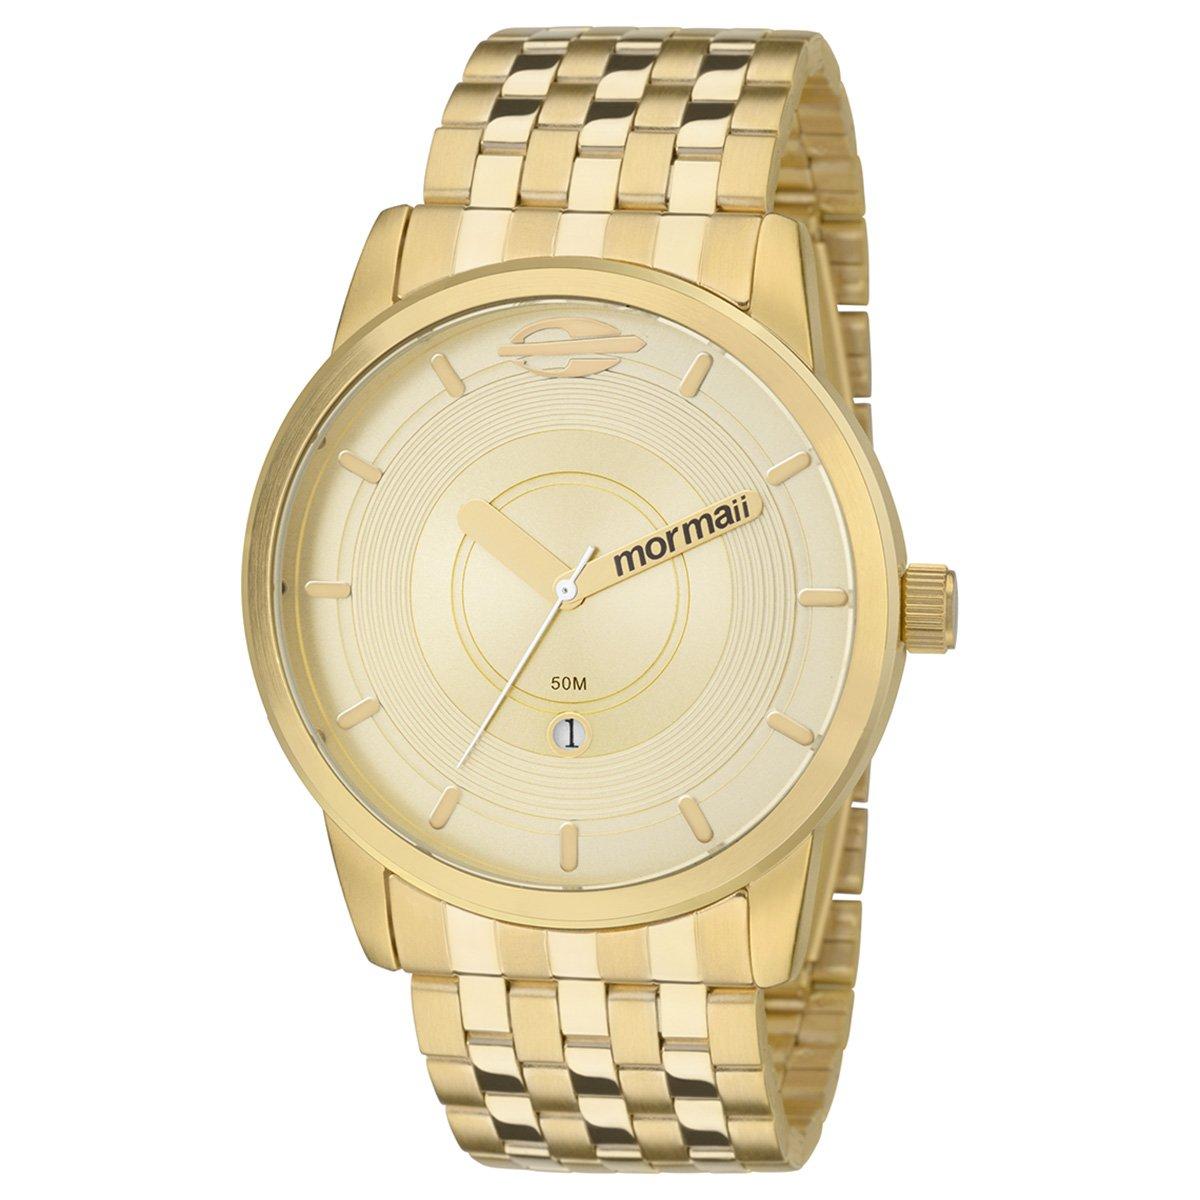 6150c0ffc15c6 Relógio Mormaii Analógico MO2115AC-4D Masculino - Compre Agora ...